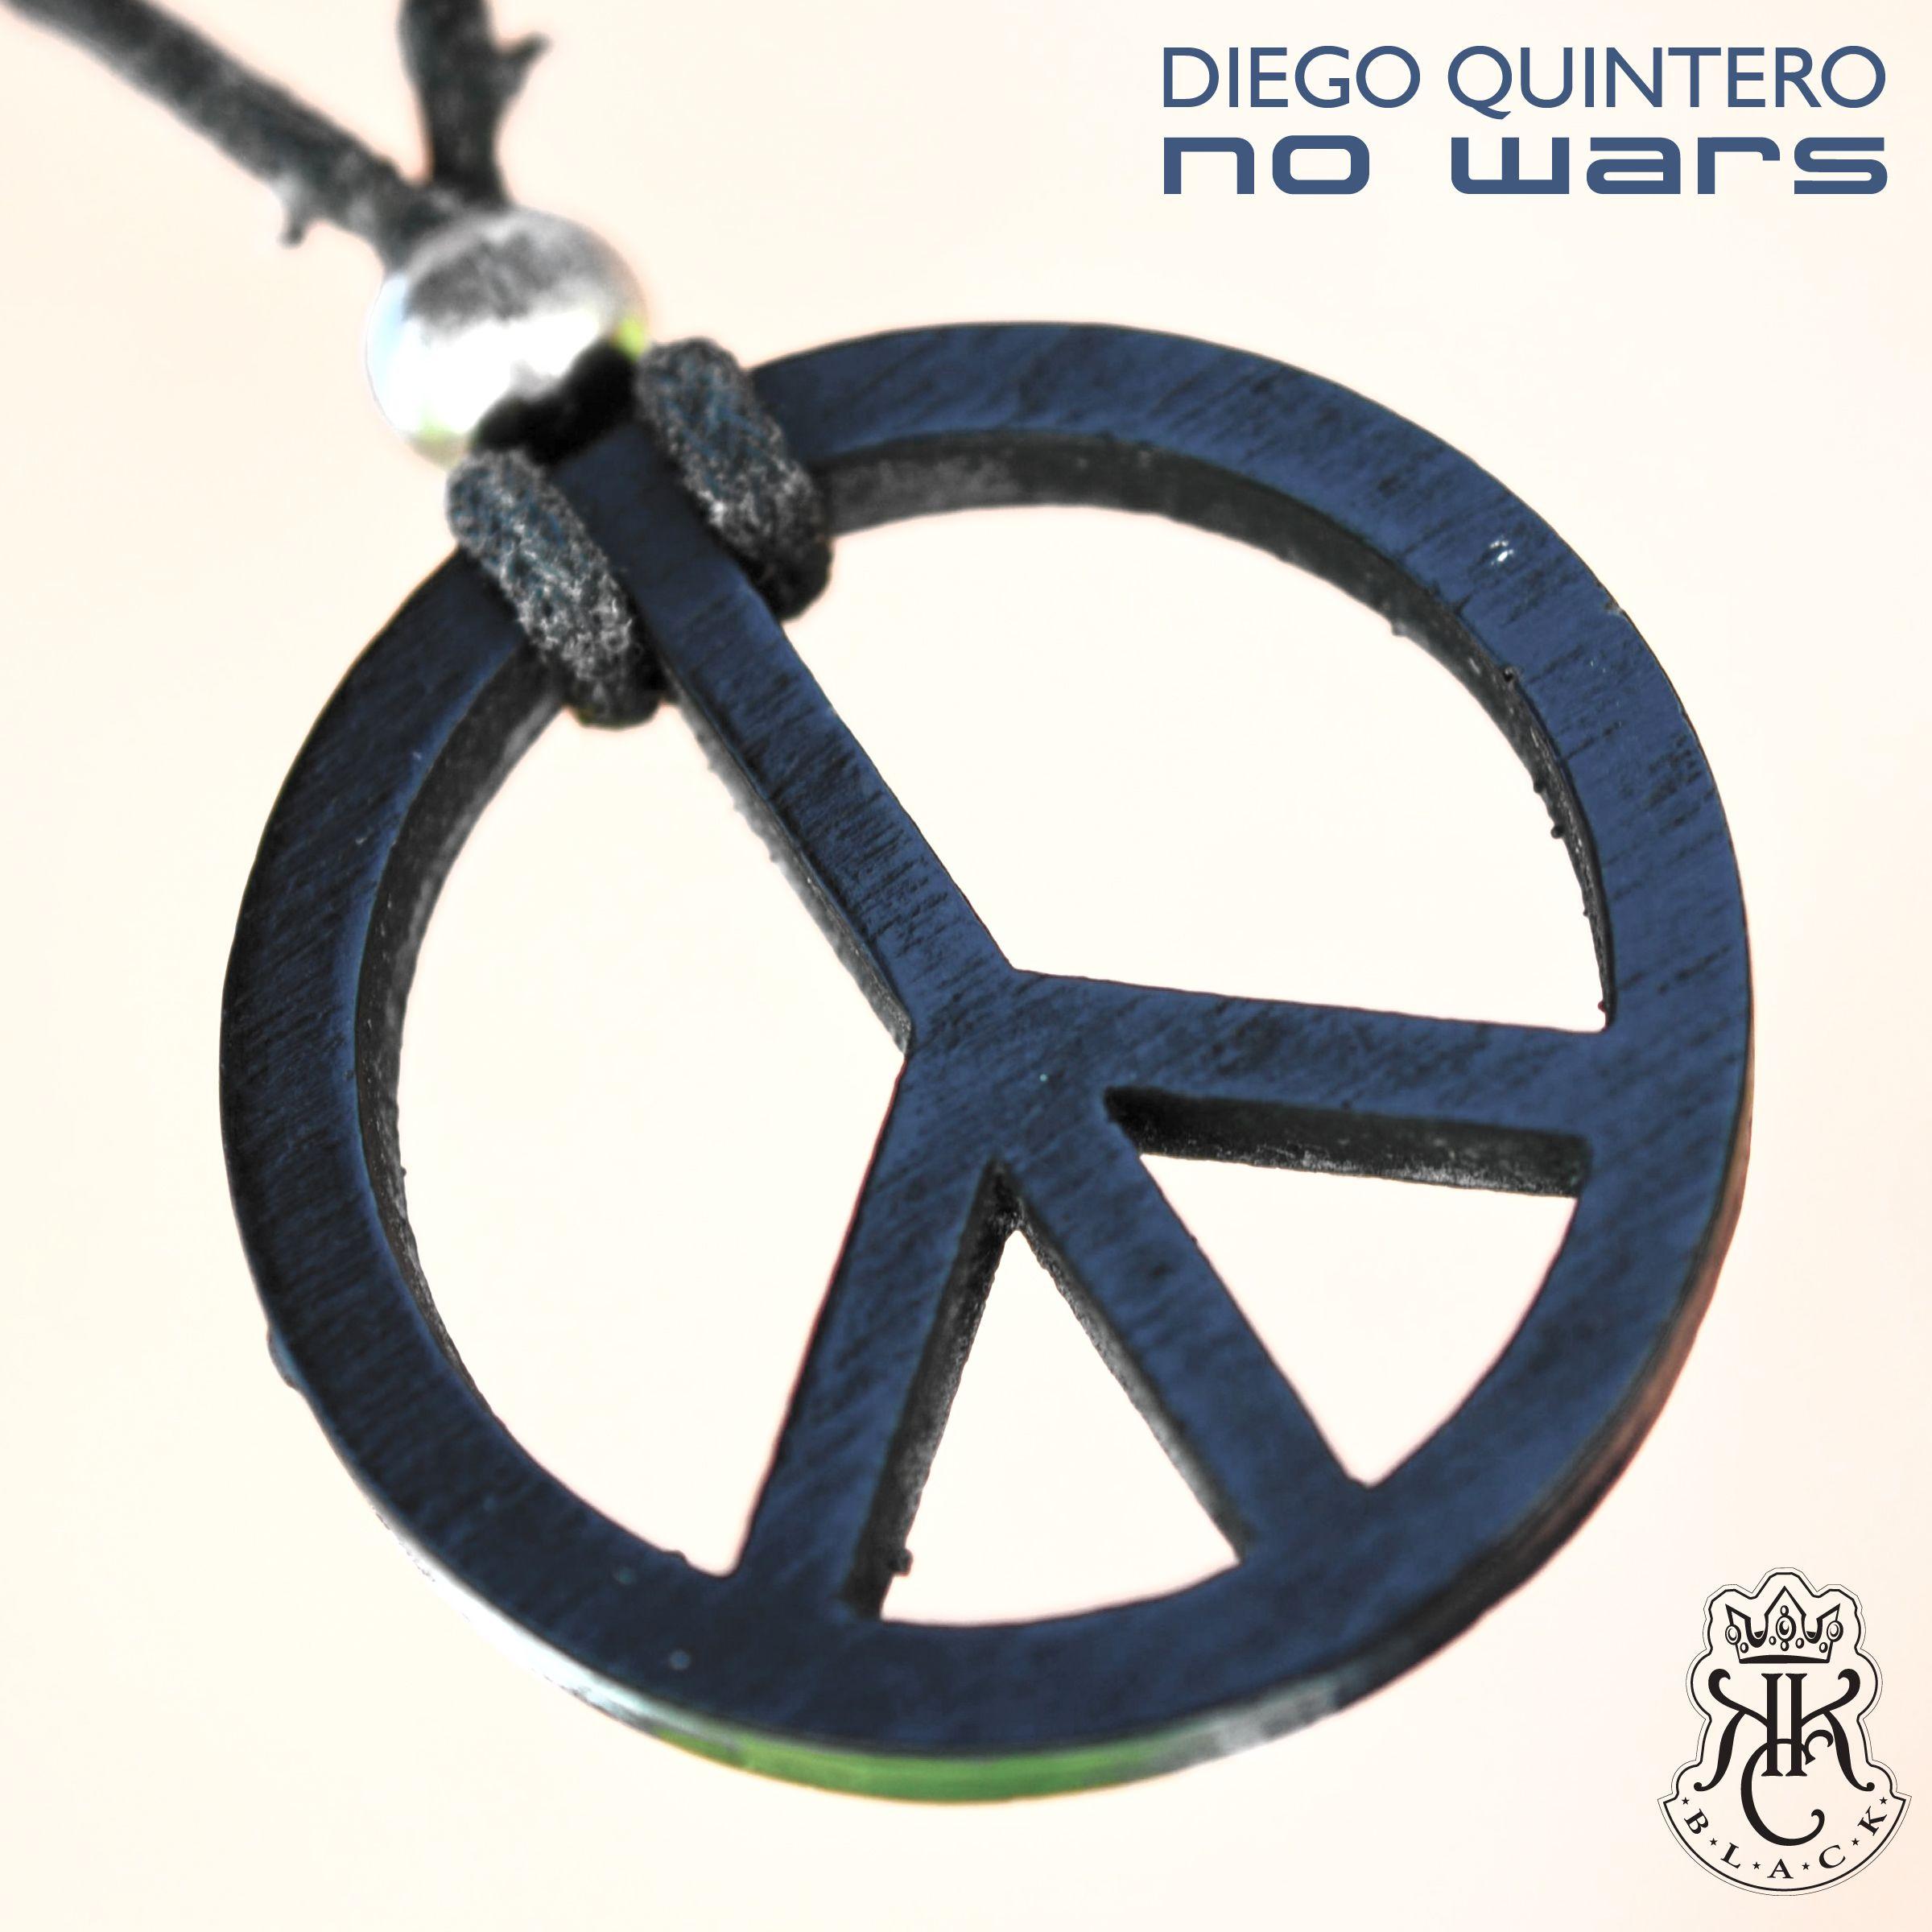 diego_quintero_-_no_wars.jpg